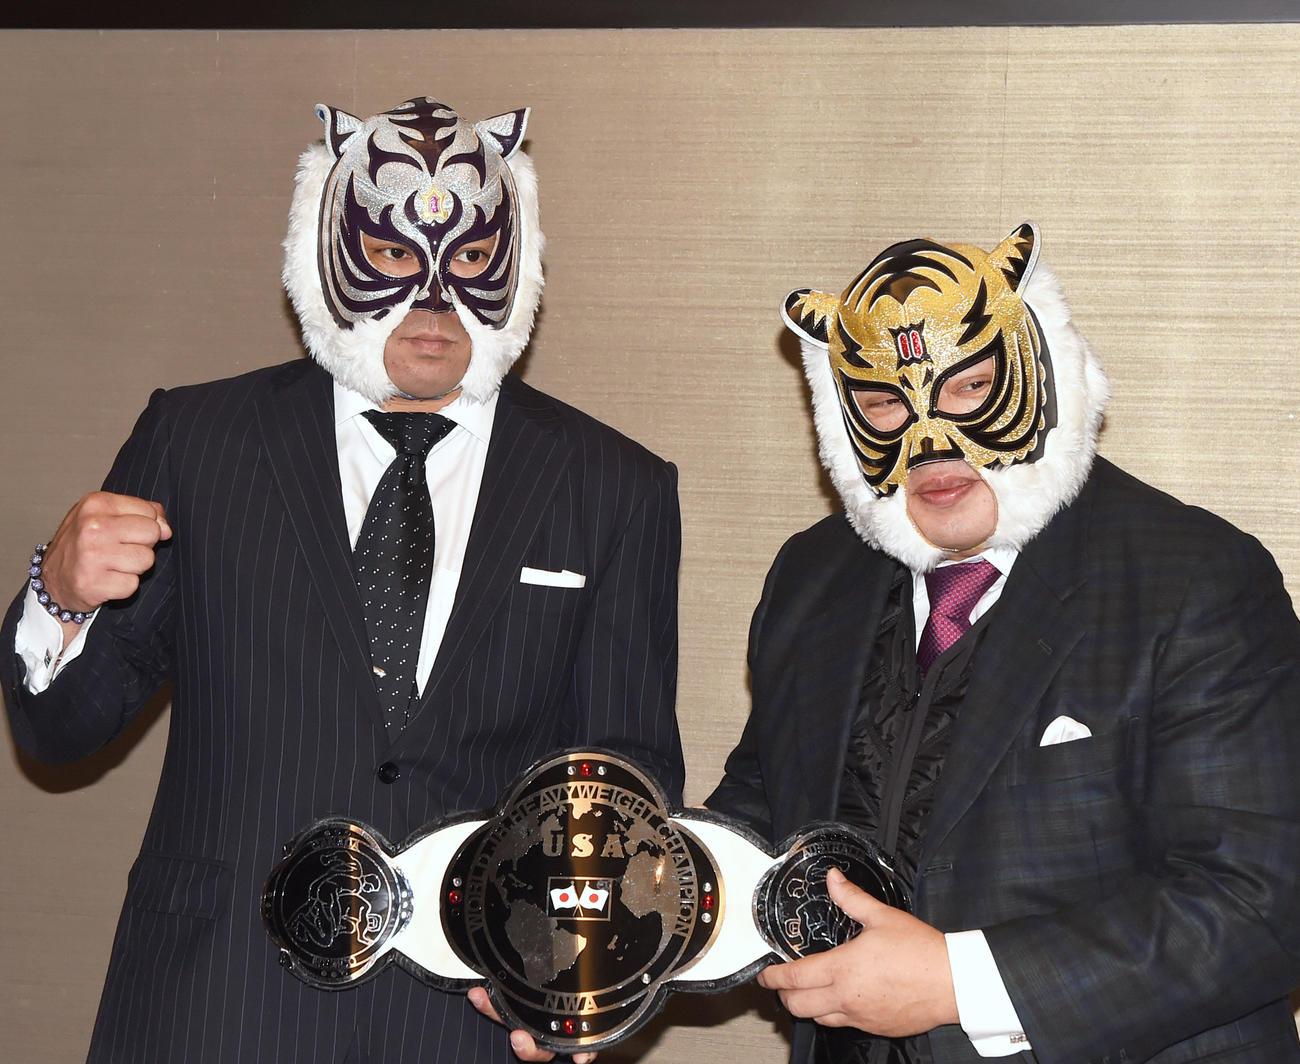 スーパー・タイガーと初代タイガーマスクこと佐山サトル(2017年11月24日撮影)